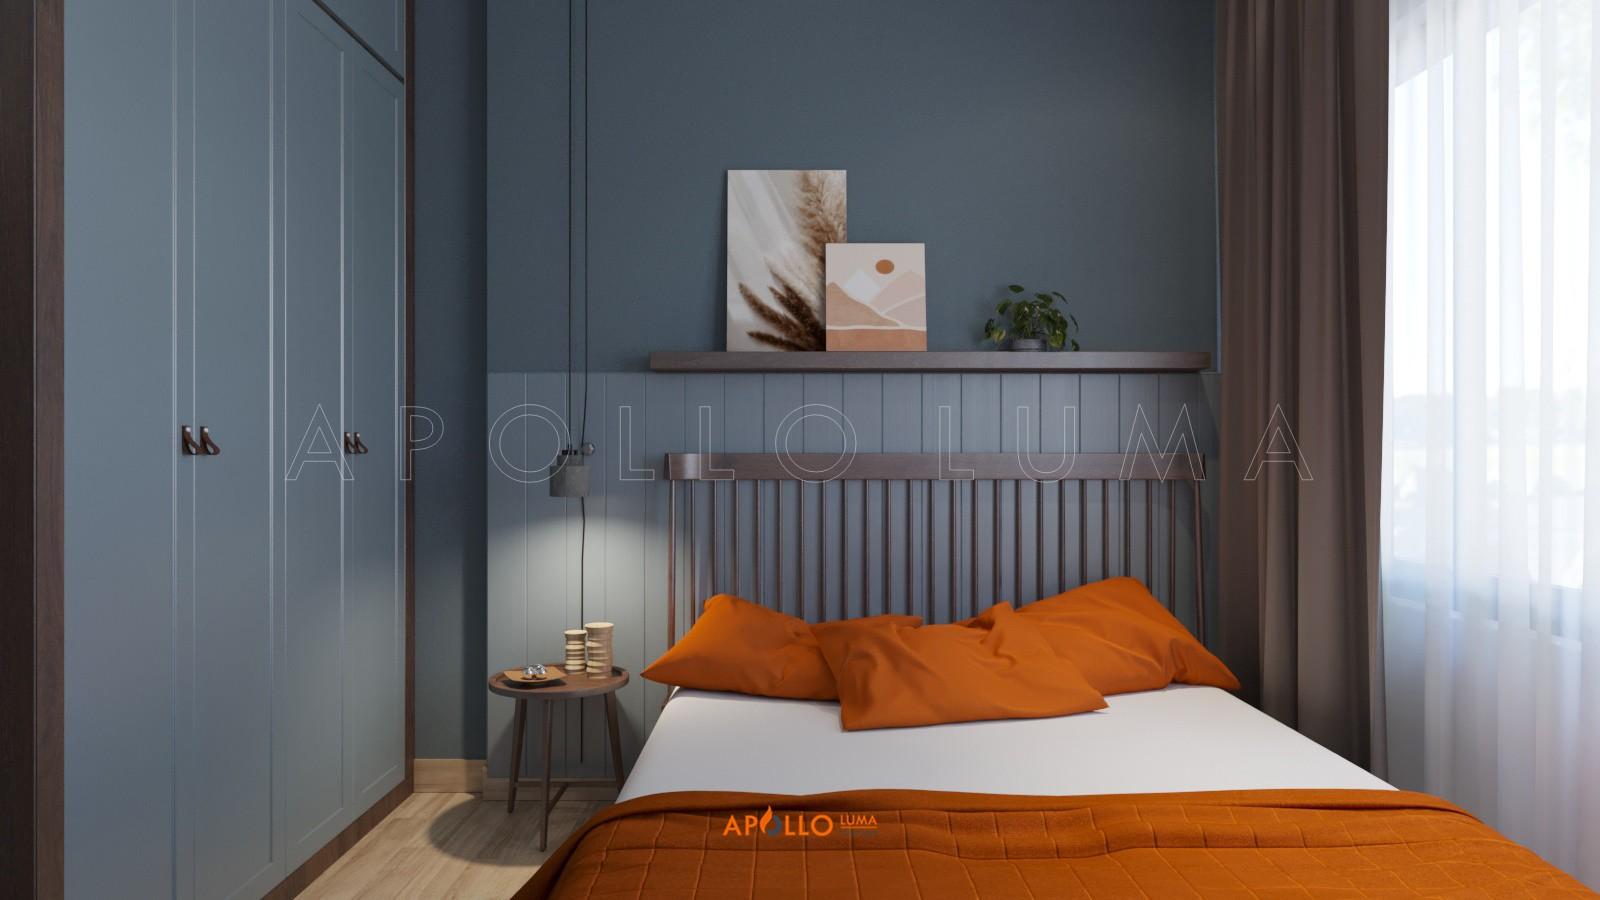 Thiết kế nội thất căn hộ 2PN+1 Vinhomes Smart City